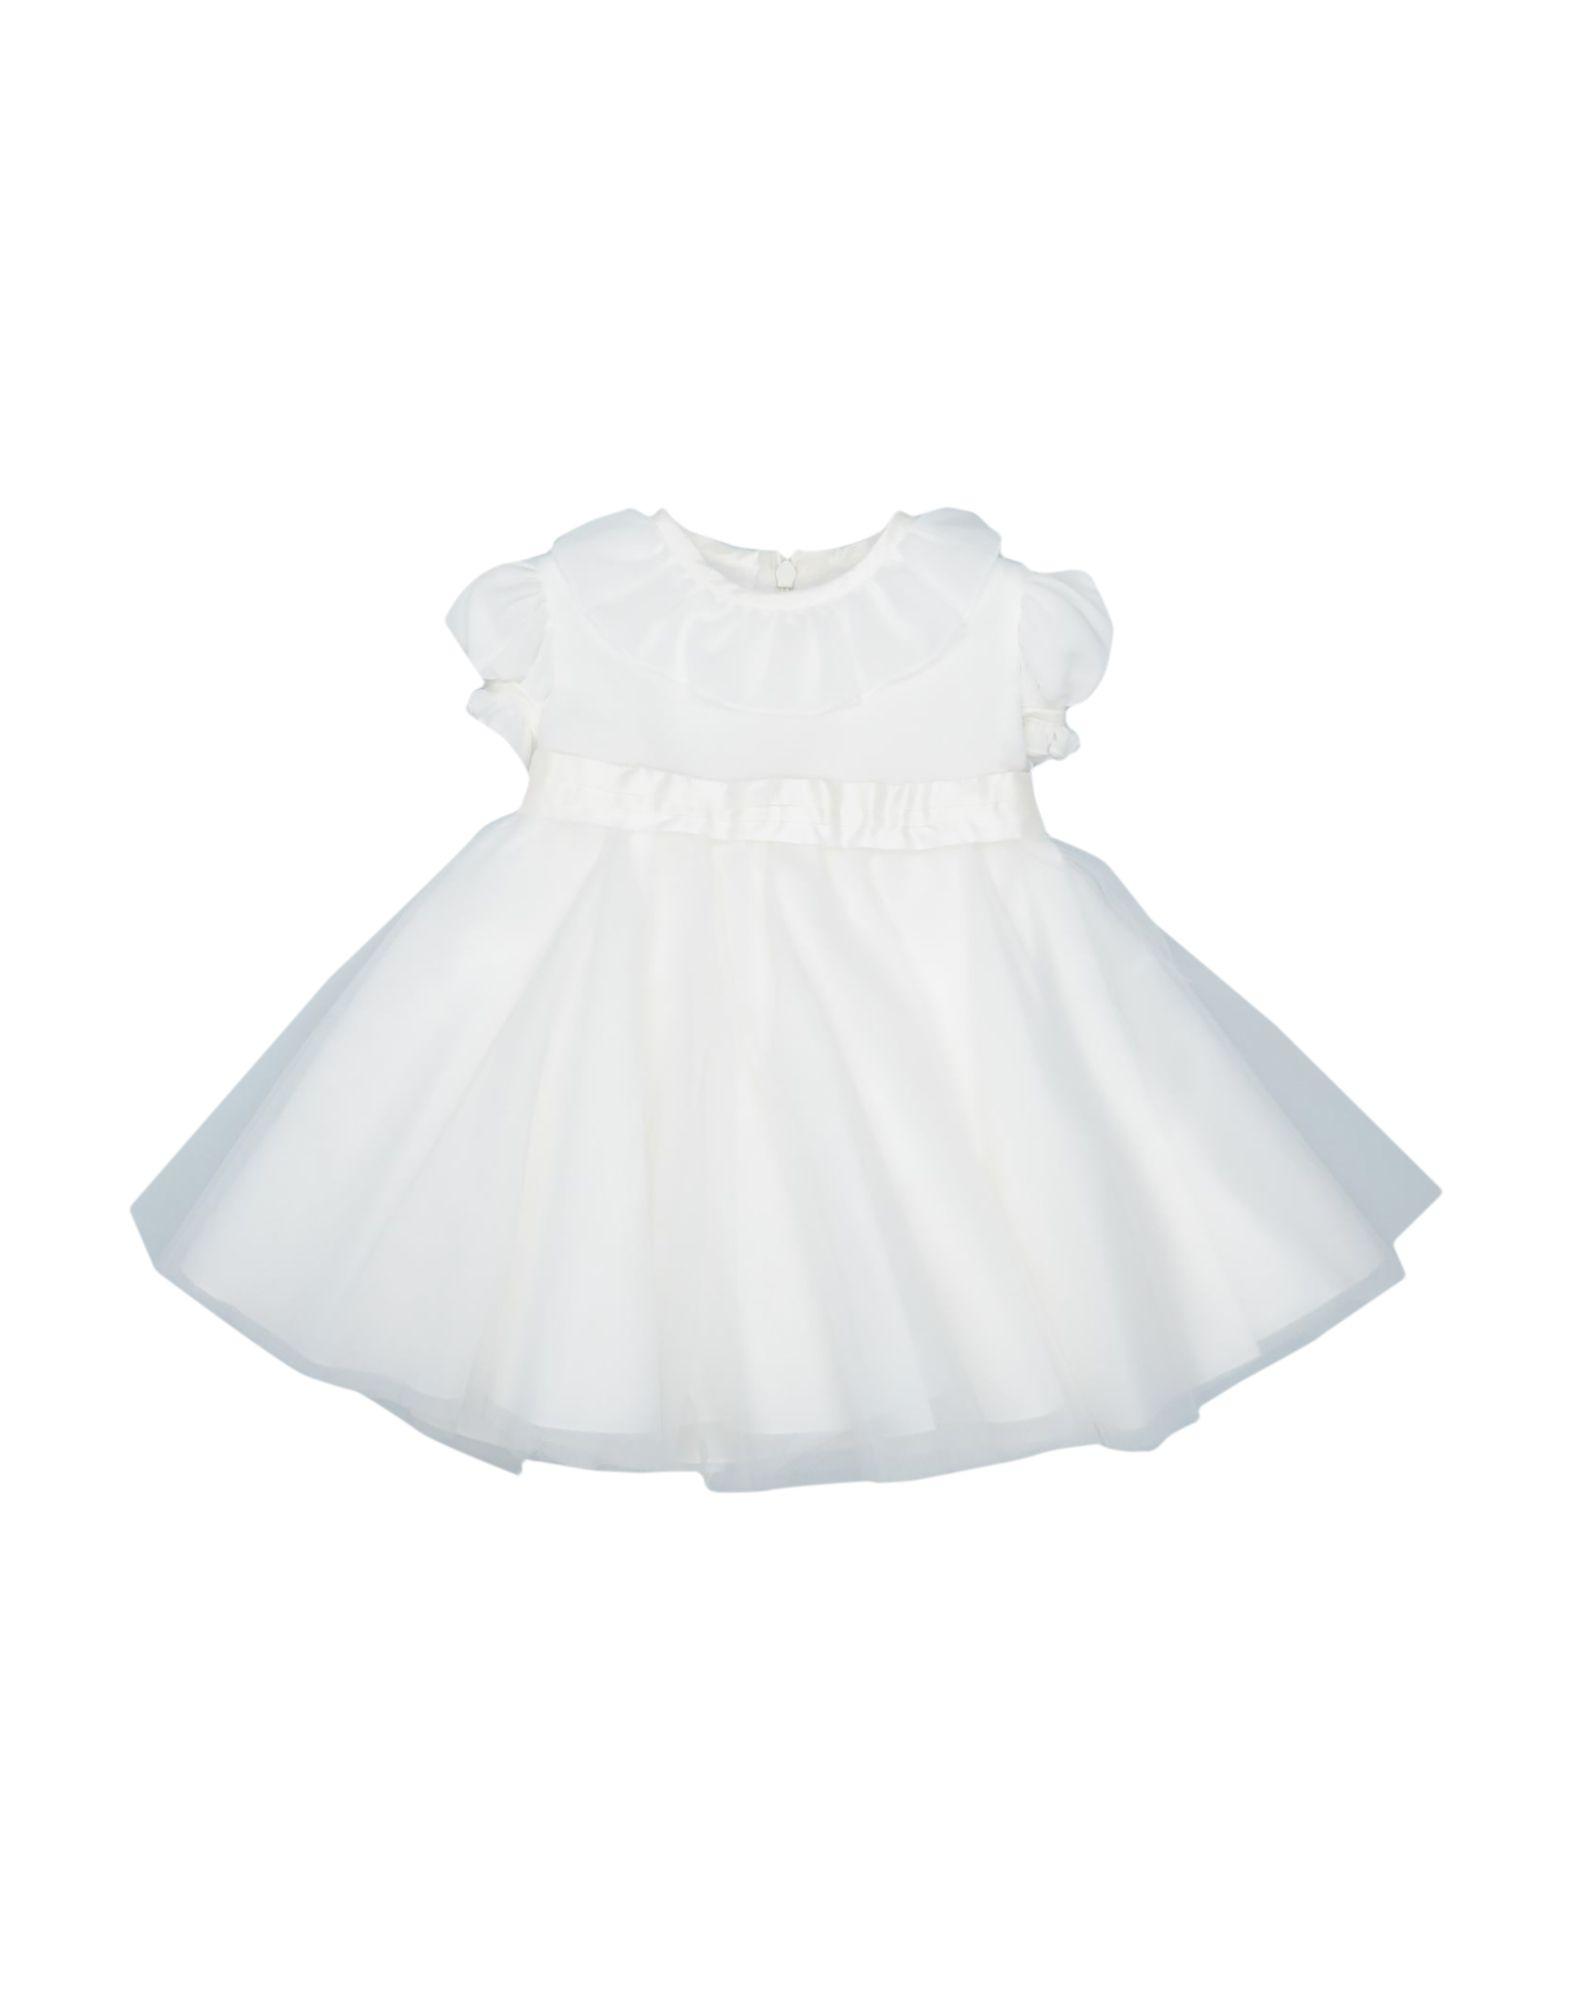 ALETTA Dresses - Item 34980231